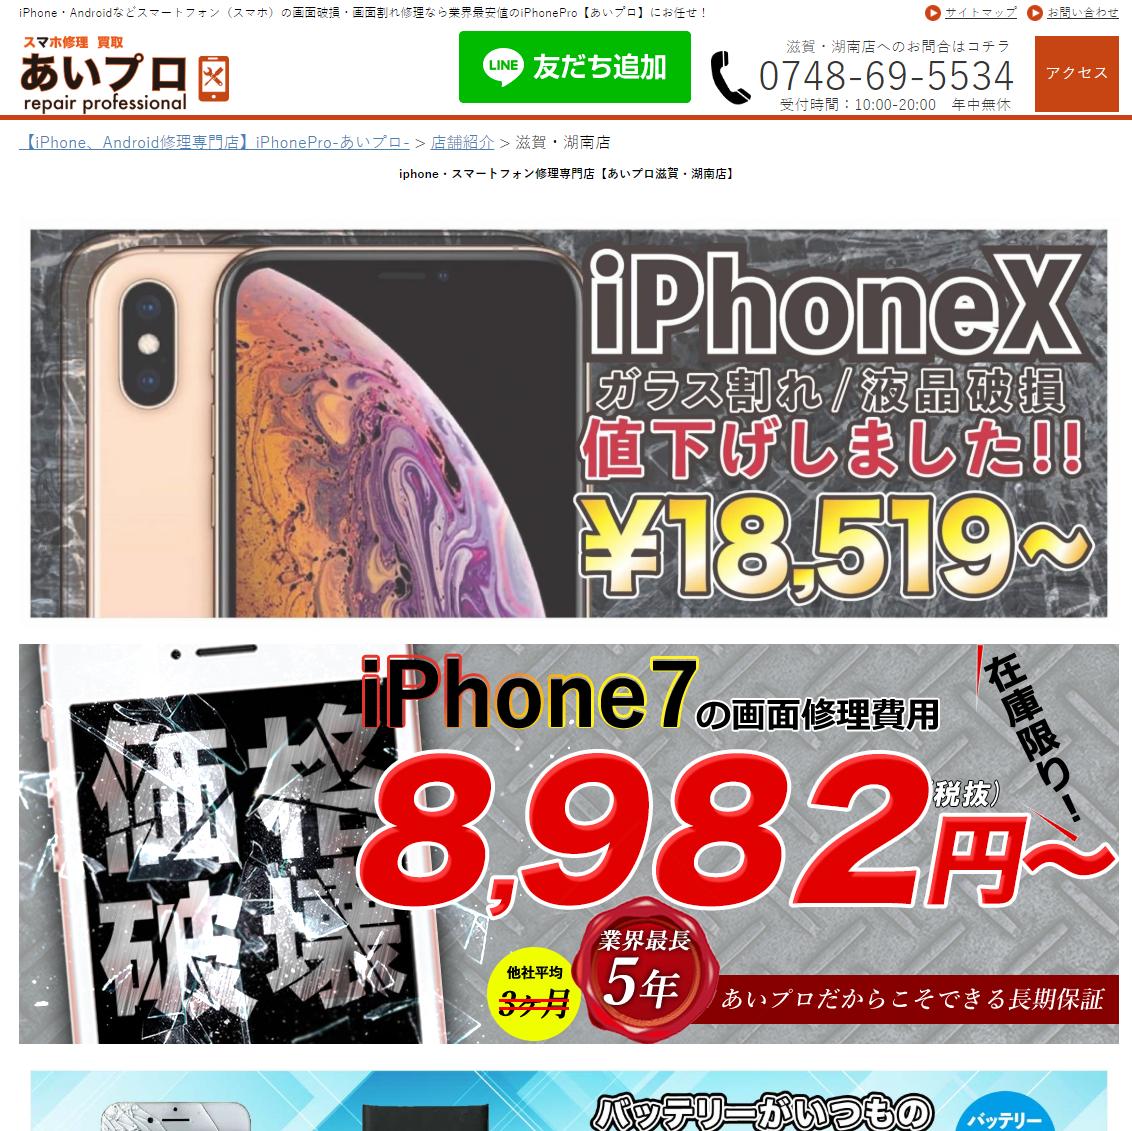 iPhonePro あいプロ イオンタウン湖南店|滋賀・湖南